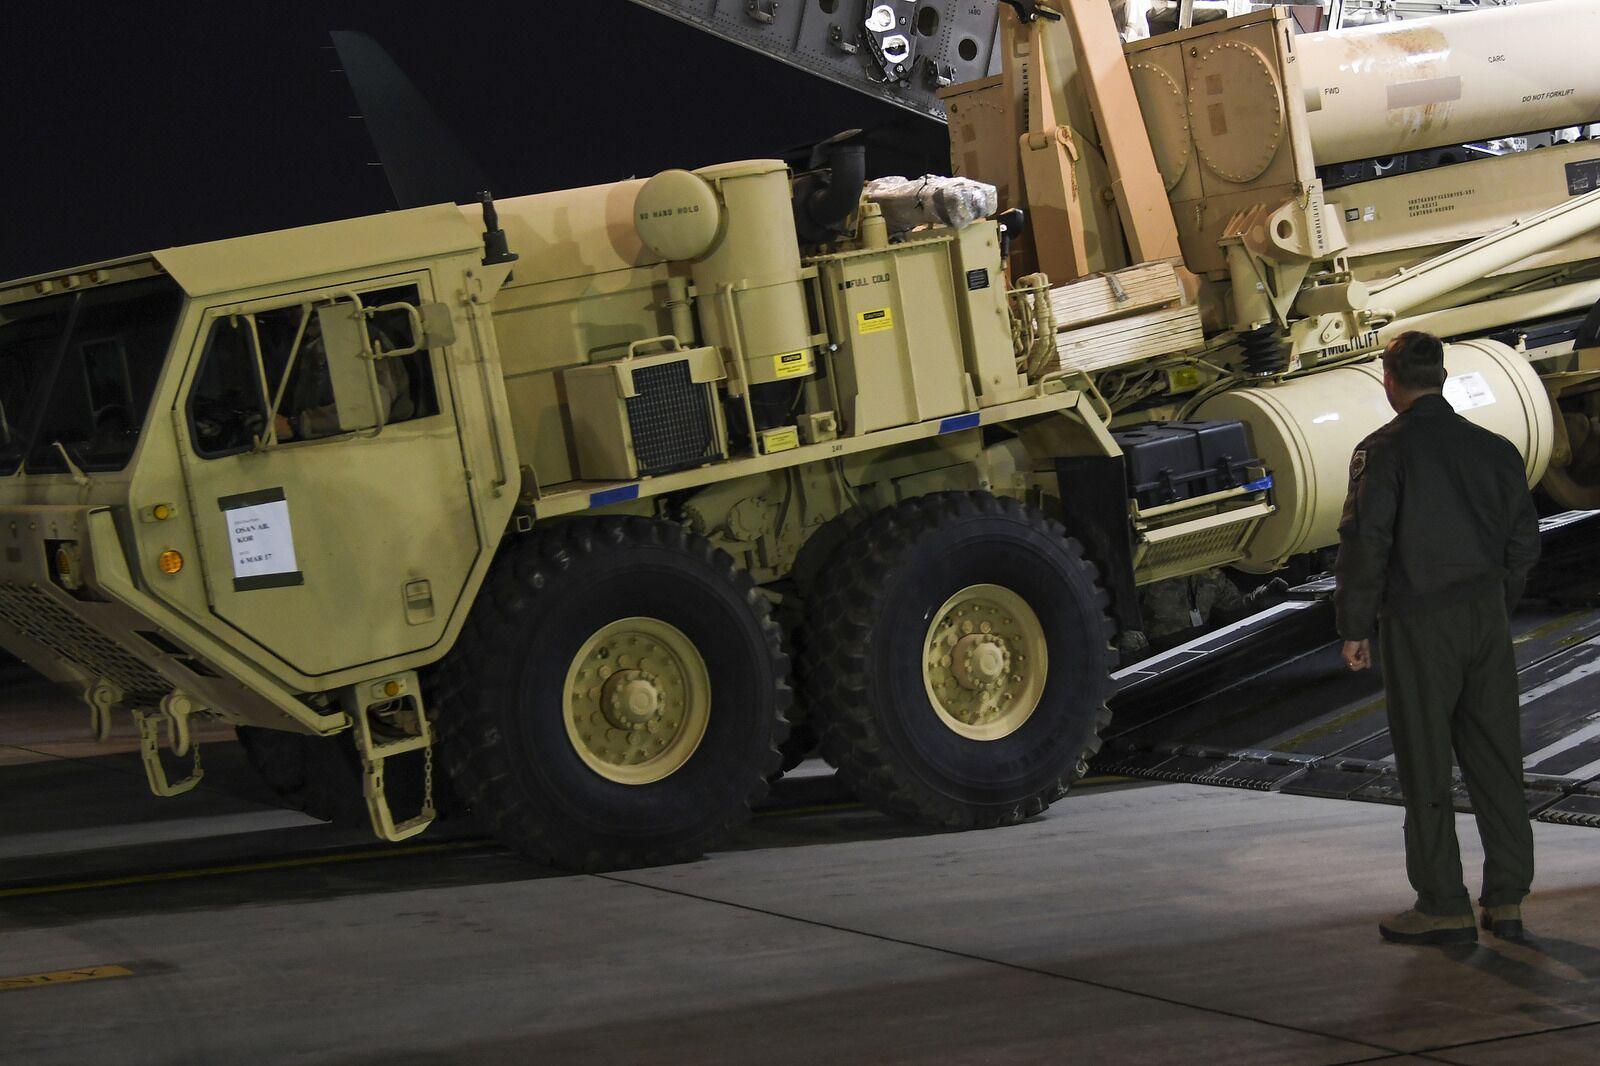 """据悉,3月6日抵达韩国的""""萨德""""系统装备包括两台发射架。韩国政府否认与正在进行的""""鹞鹰""""美韩大型军演相关,但是此前美韩军方曾在多个场合表示今年的""""鹞鹰""""以及""""关键决心""""军演中将会对""""萨德""""作战概念进行演习。"""